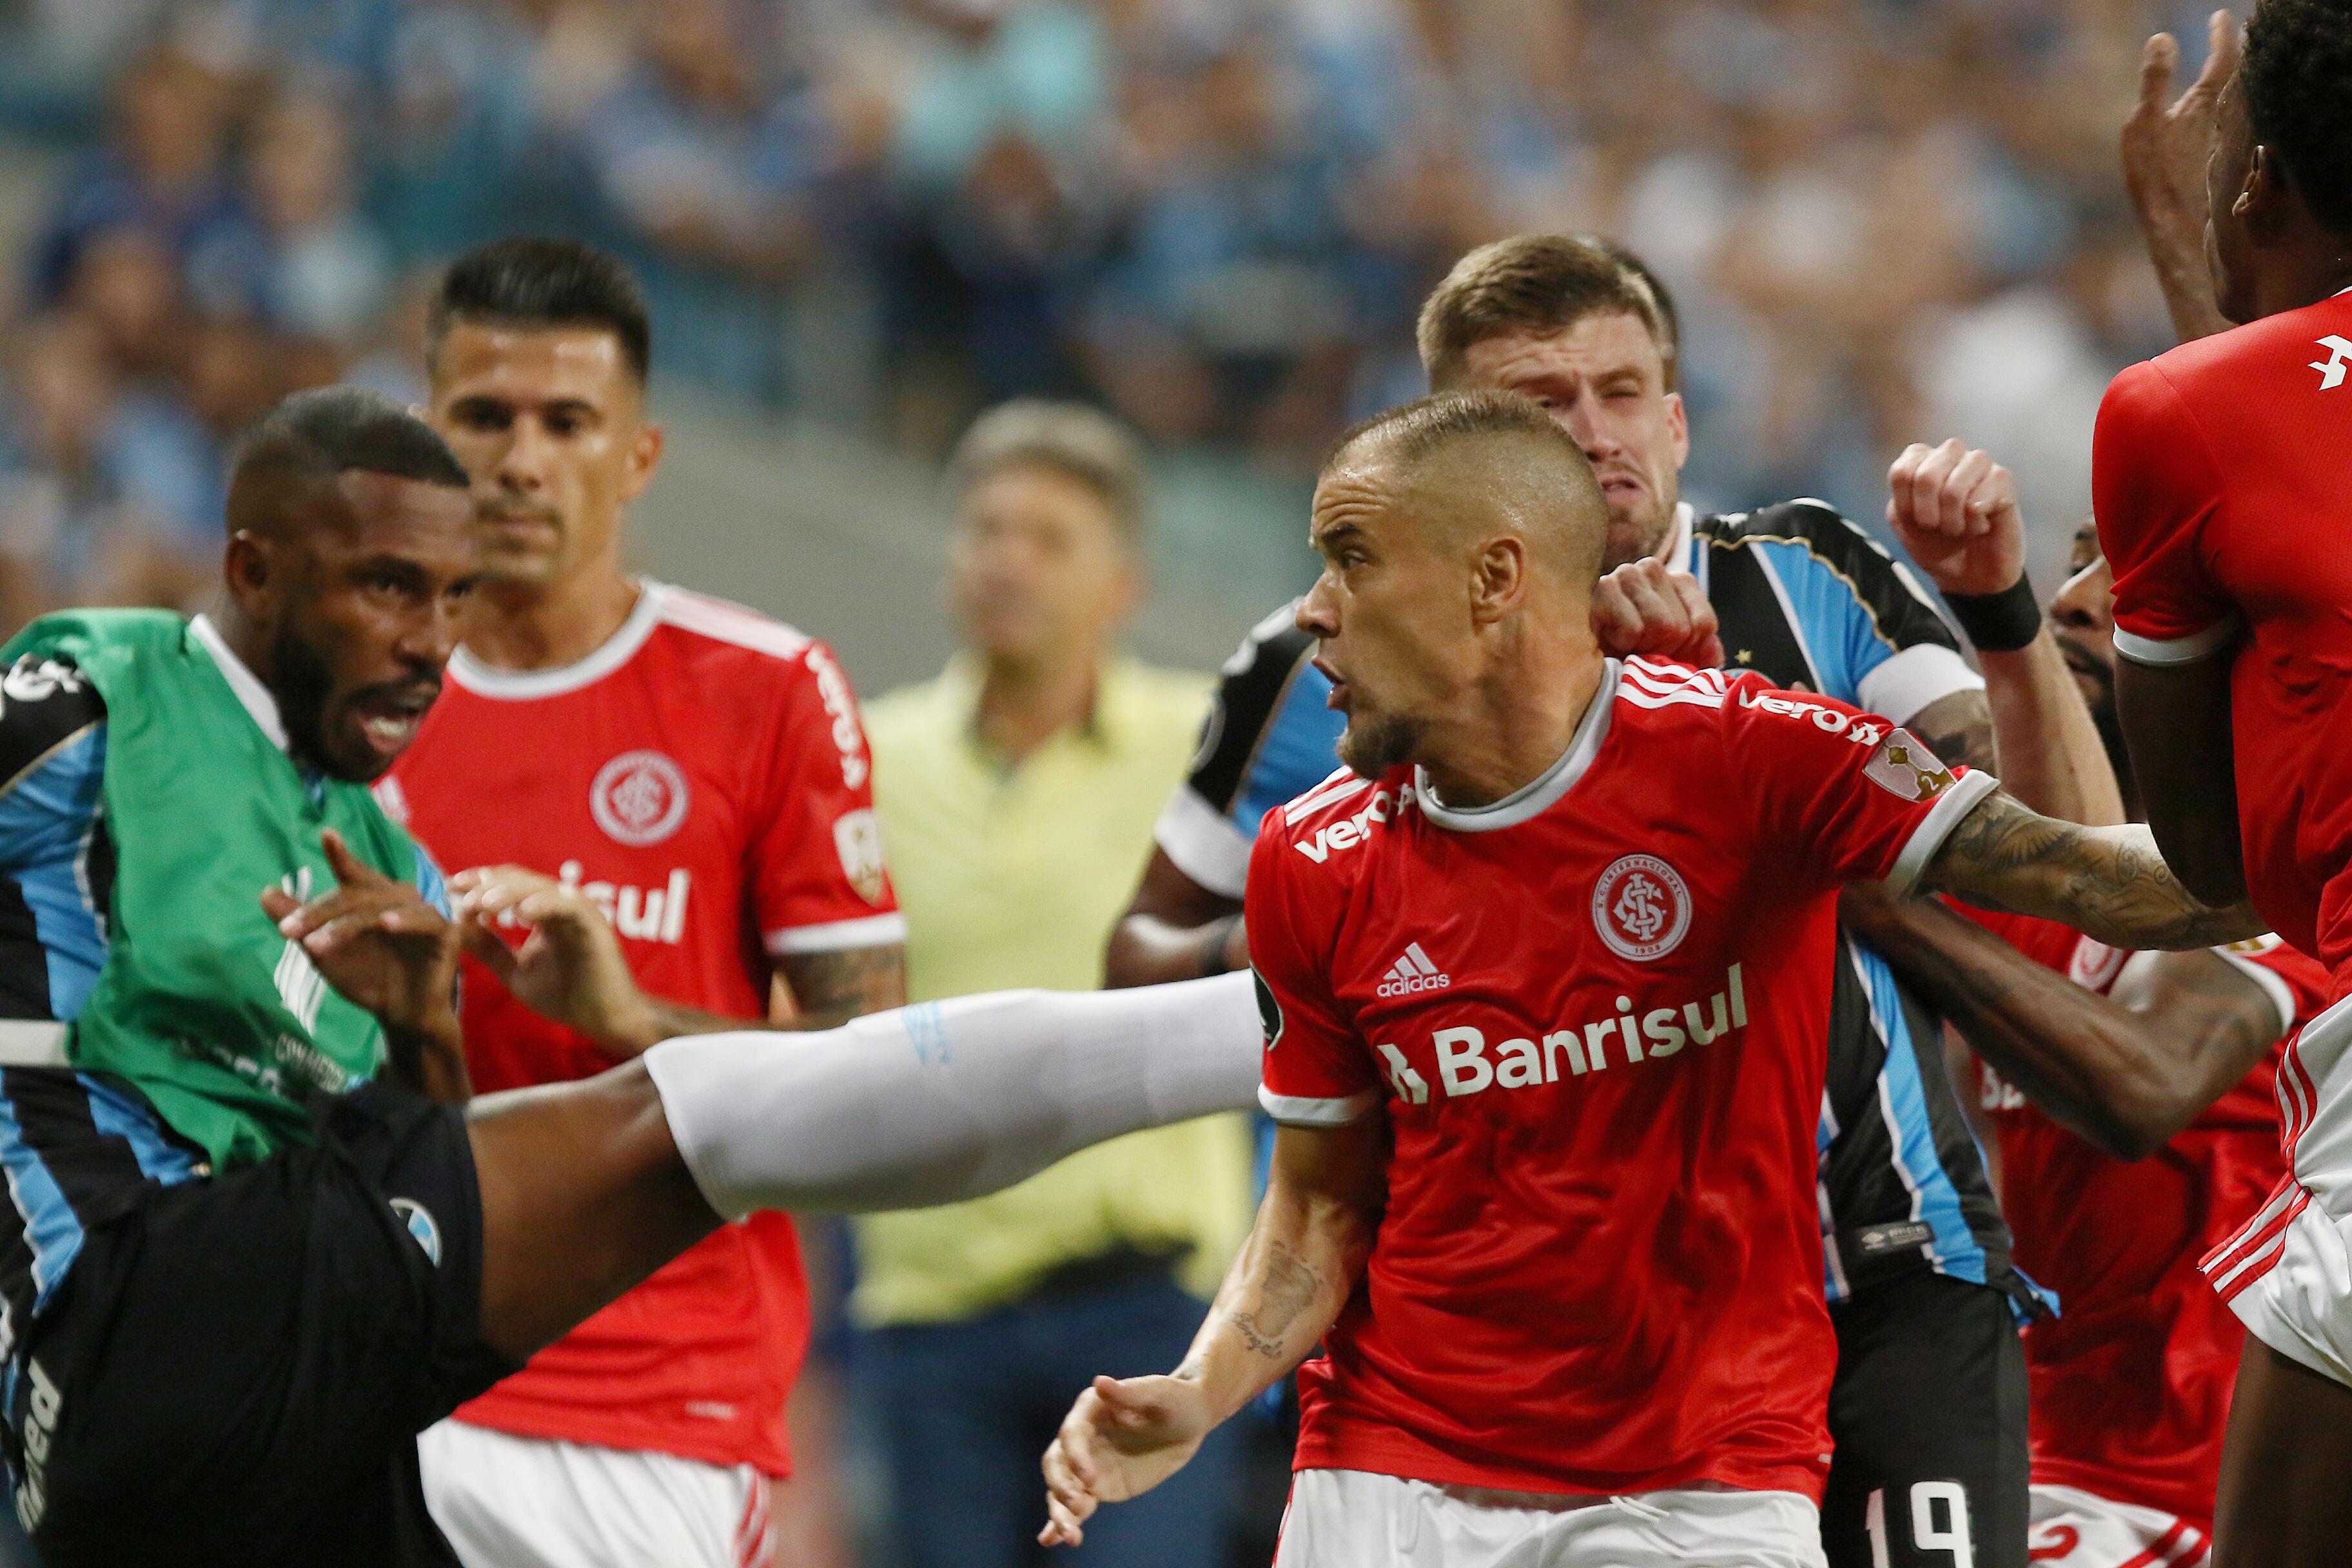 Grenal Libertadores 2020